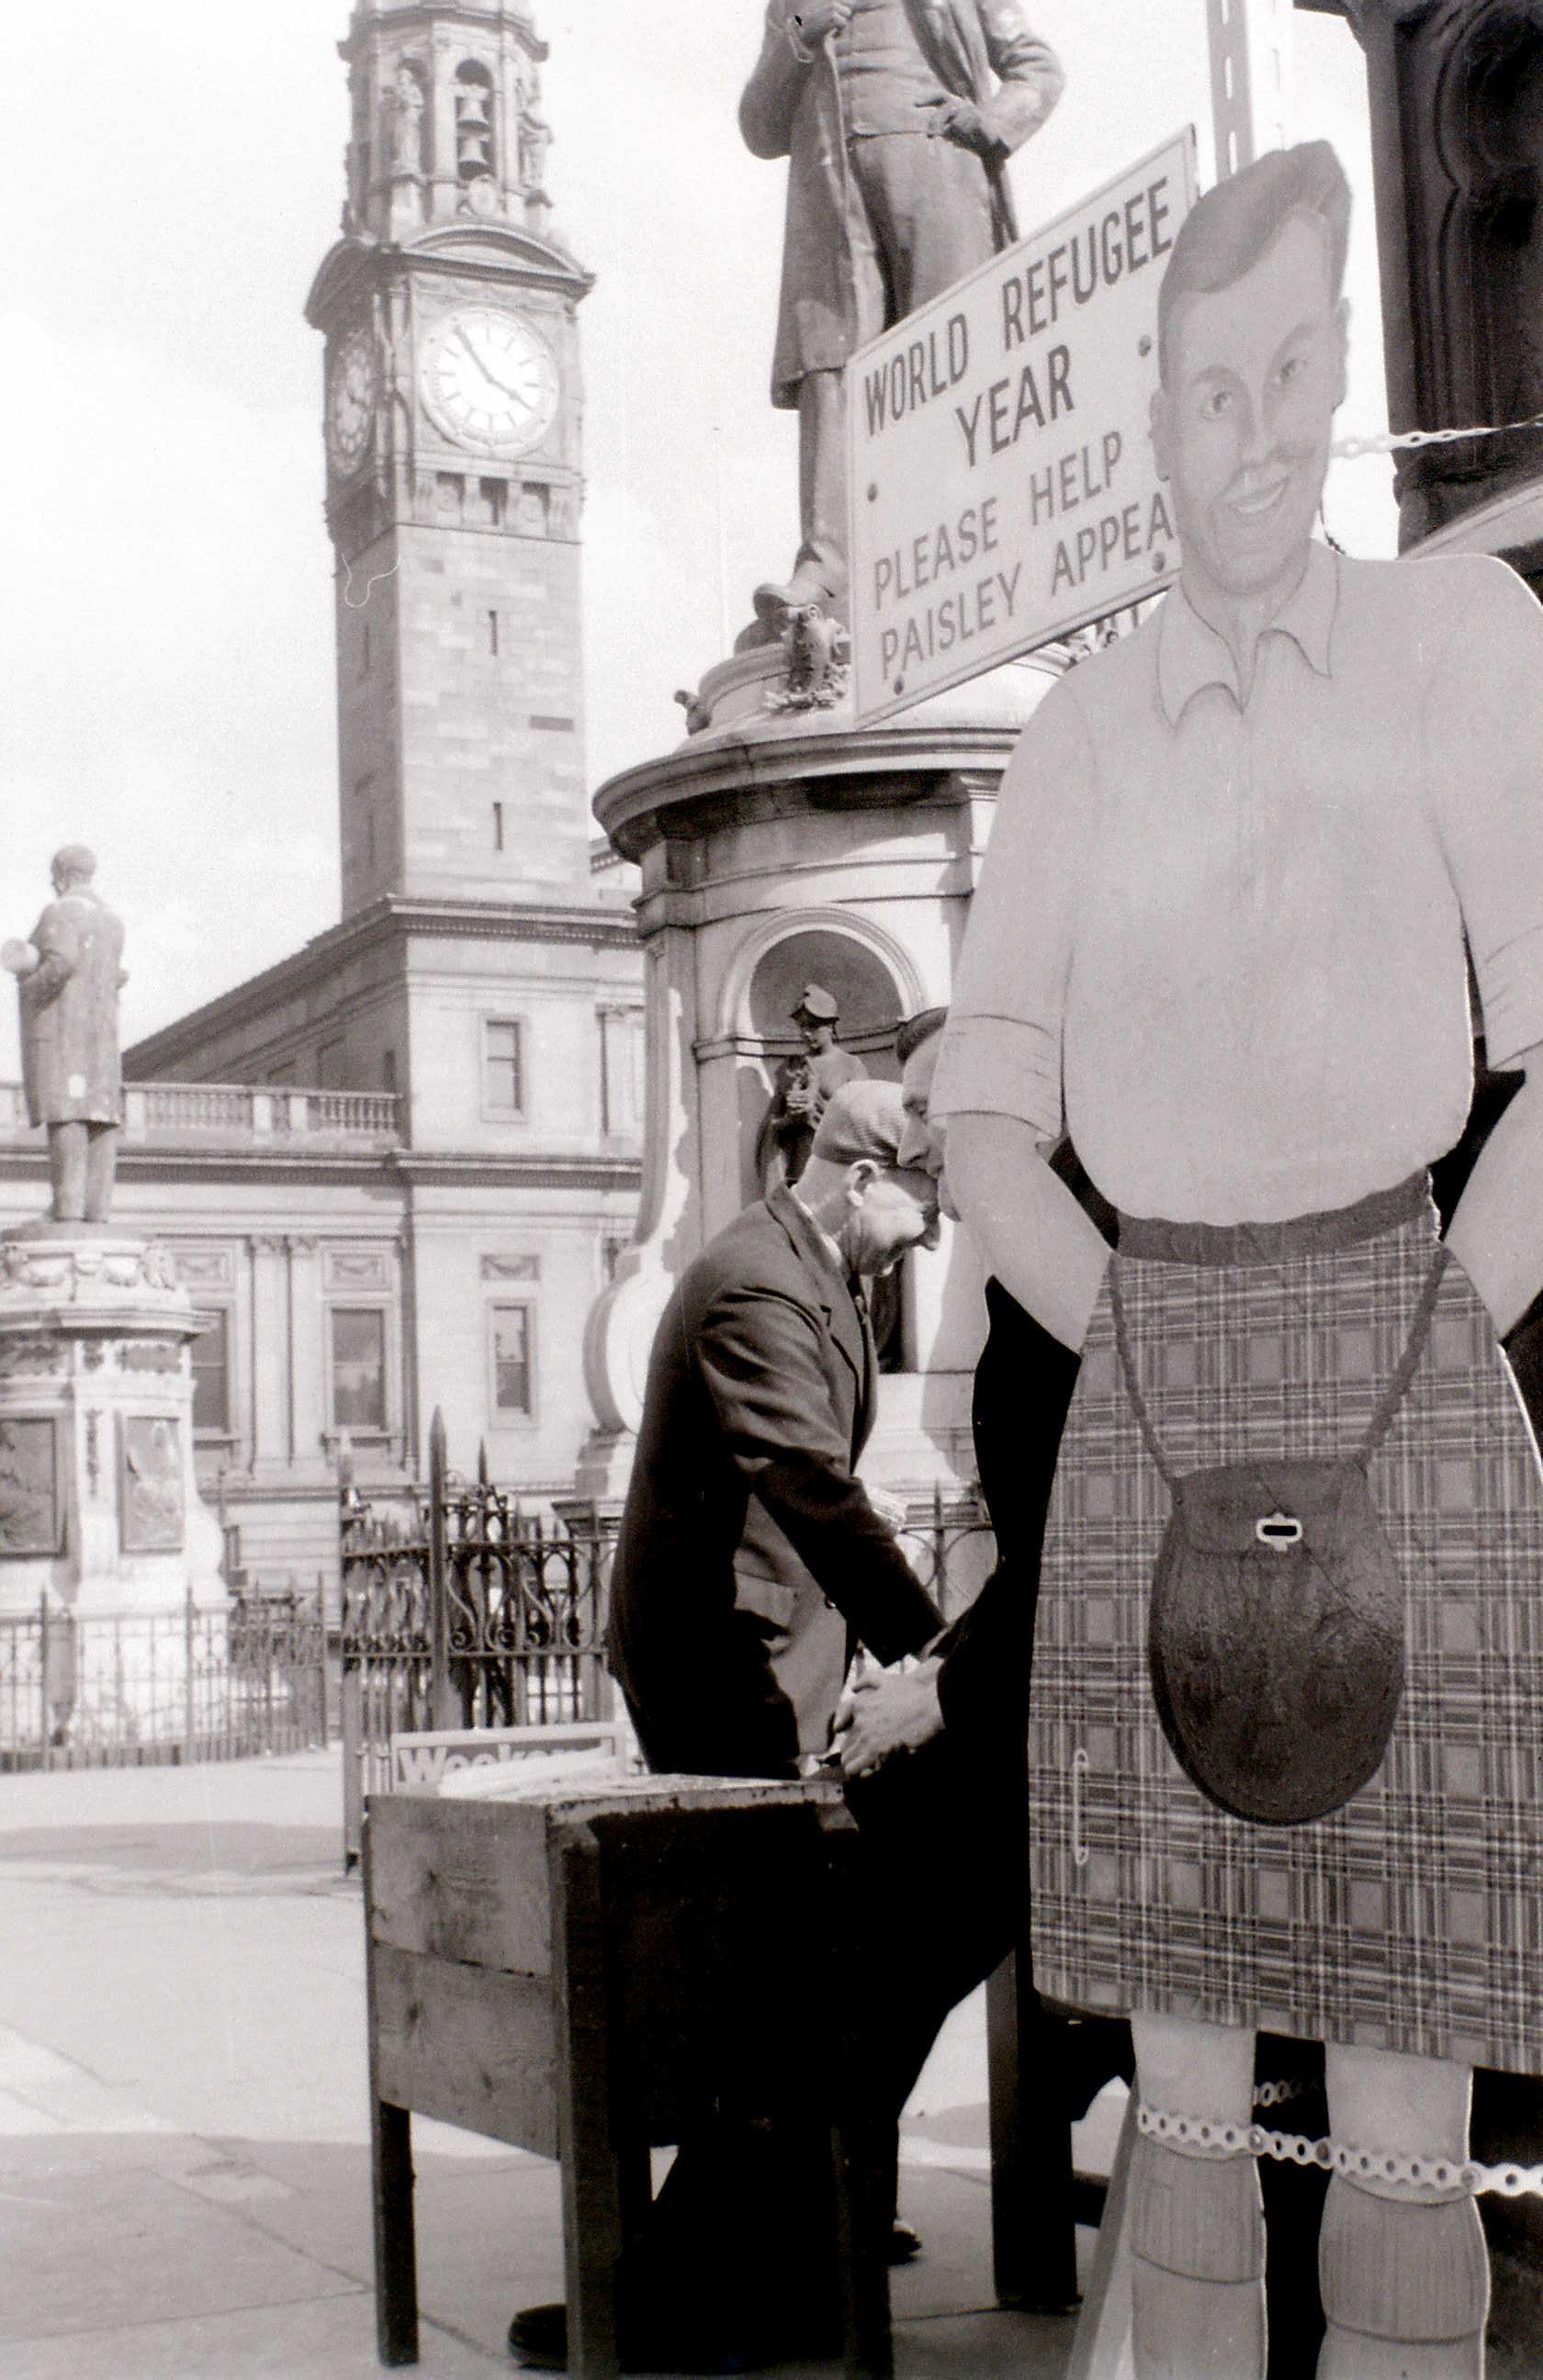 Глазго, 19 апреля 1960. Пейсли-Кросс.jpg